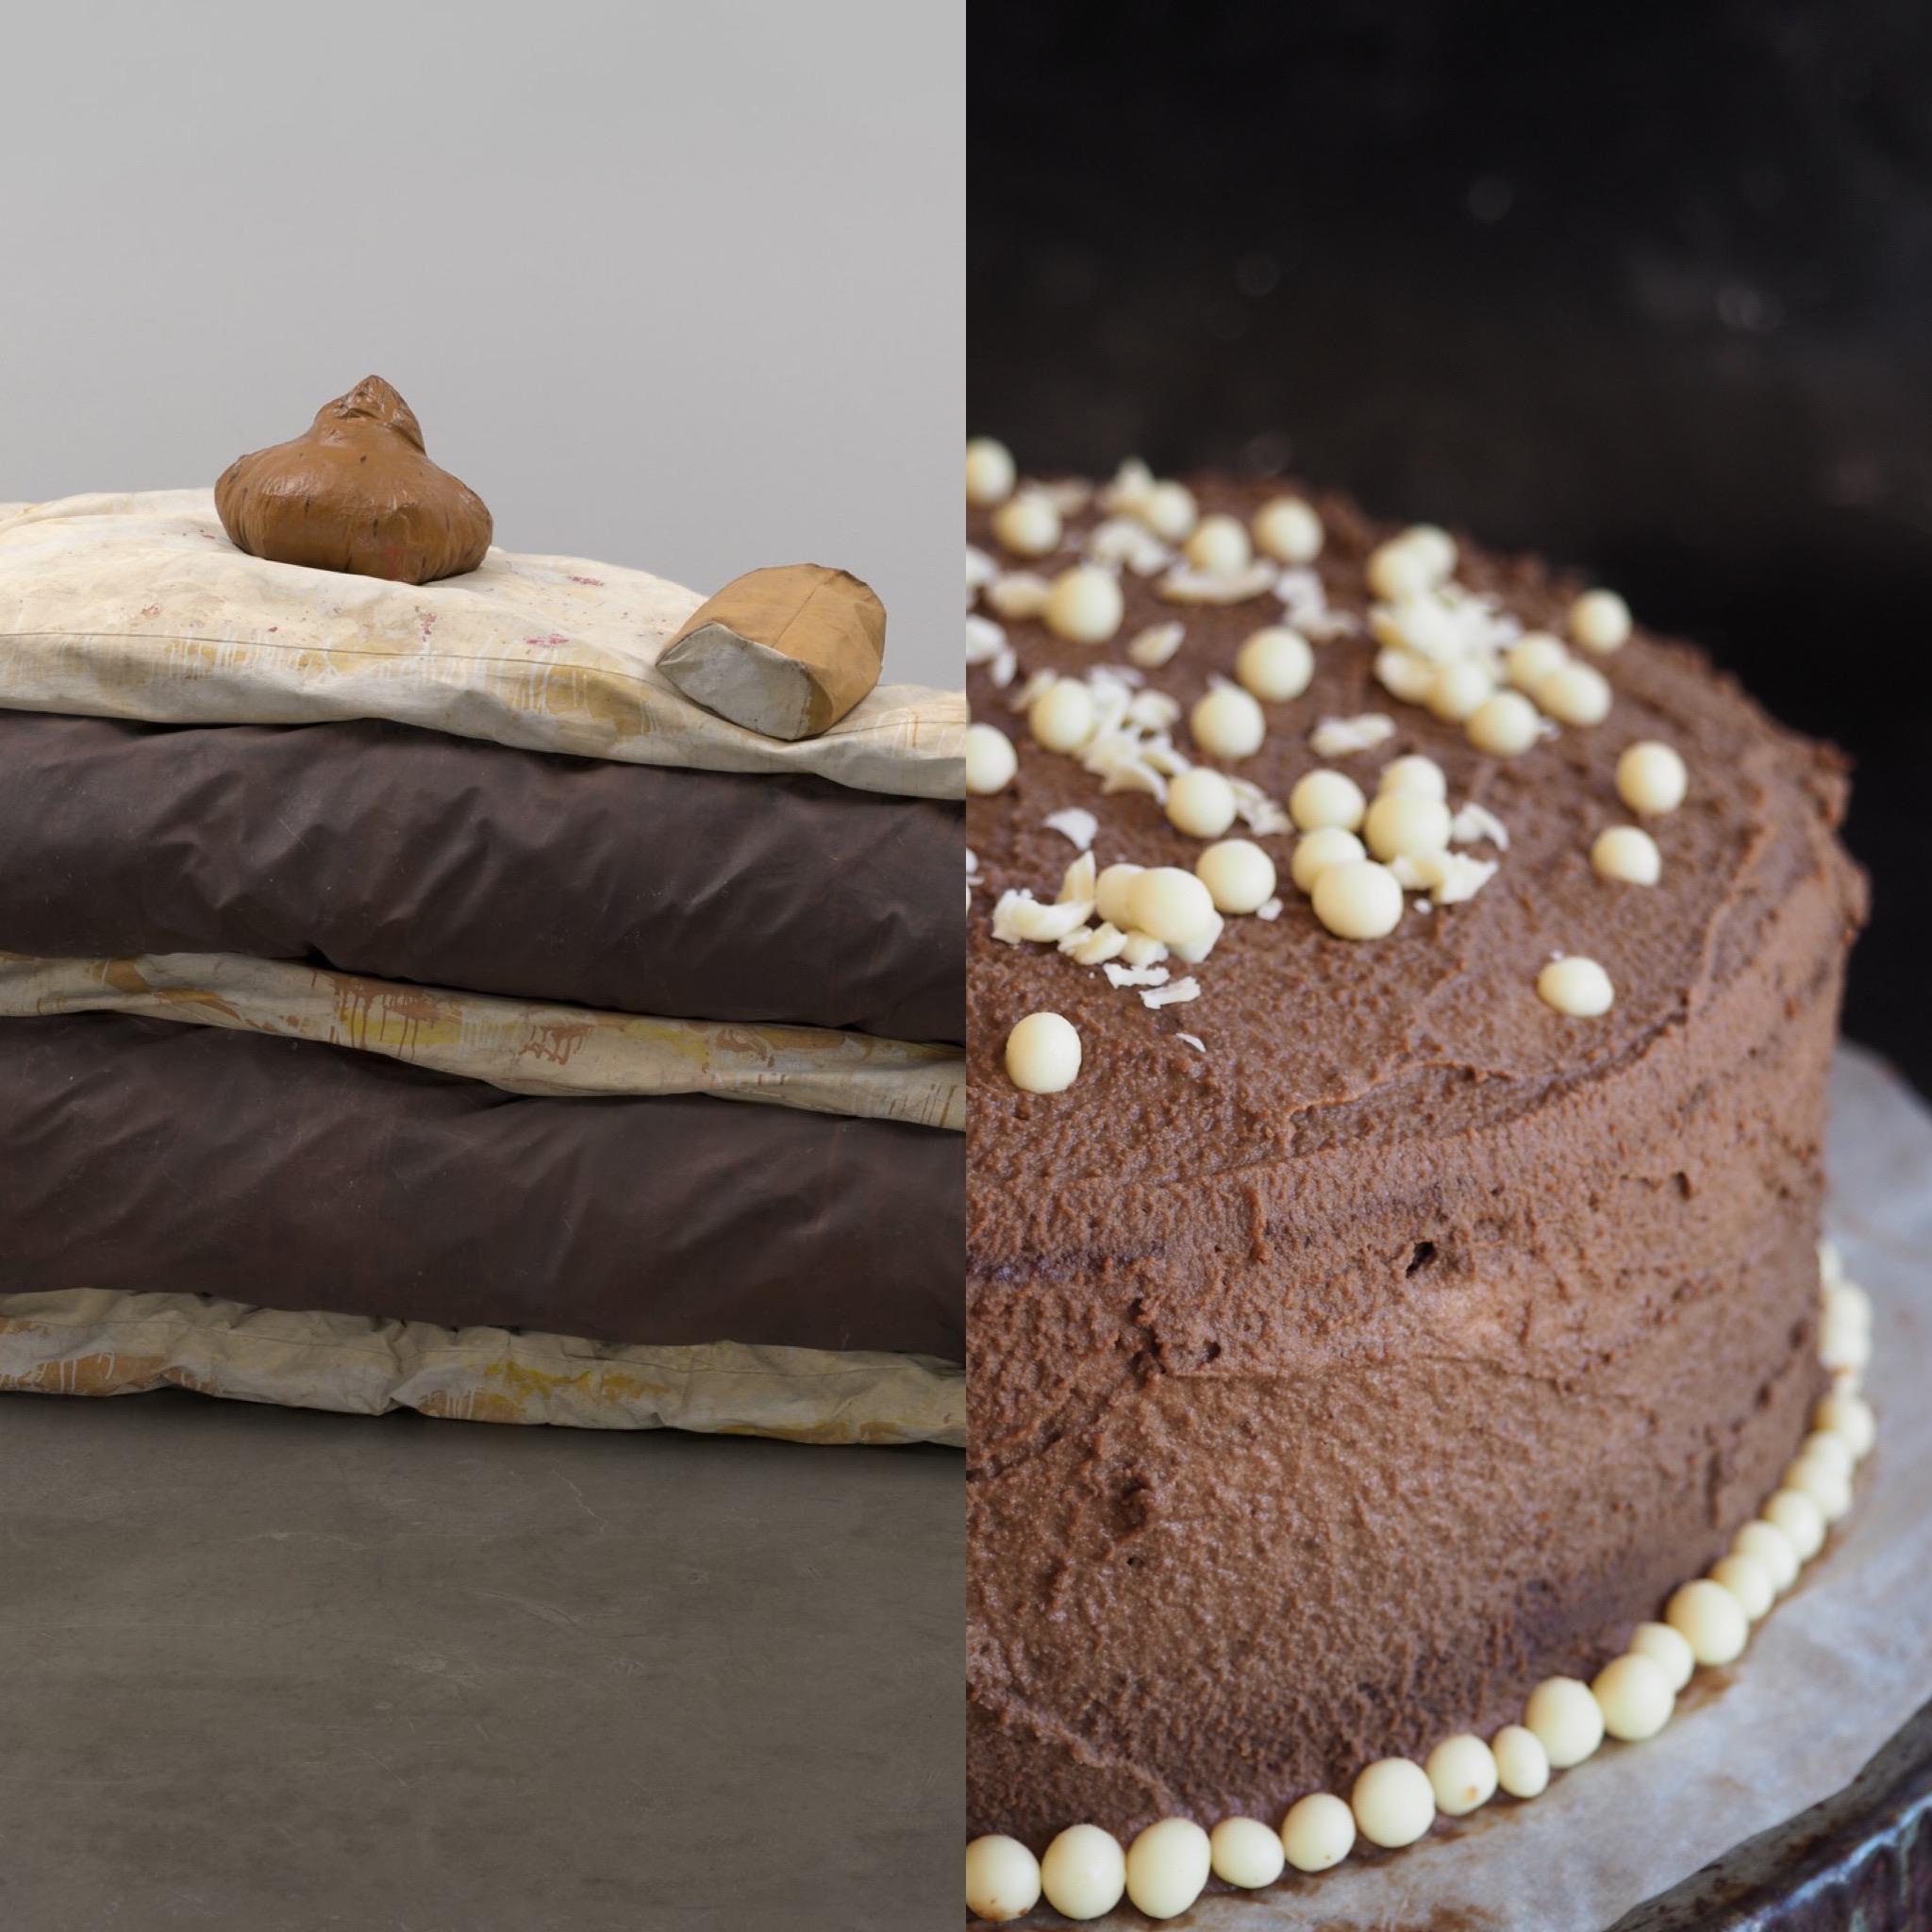 Claes Oldenburg, el floor cake y la tarta de chocolate esponjosa (ESP)